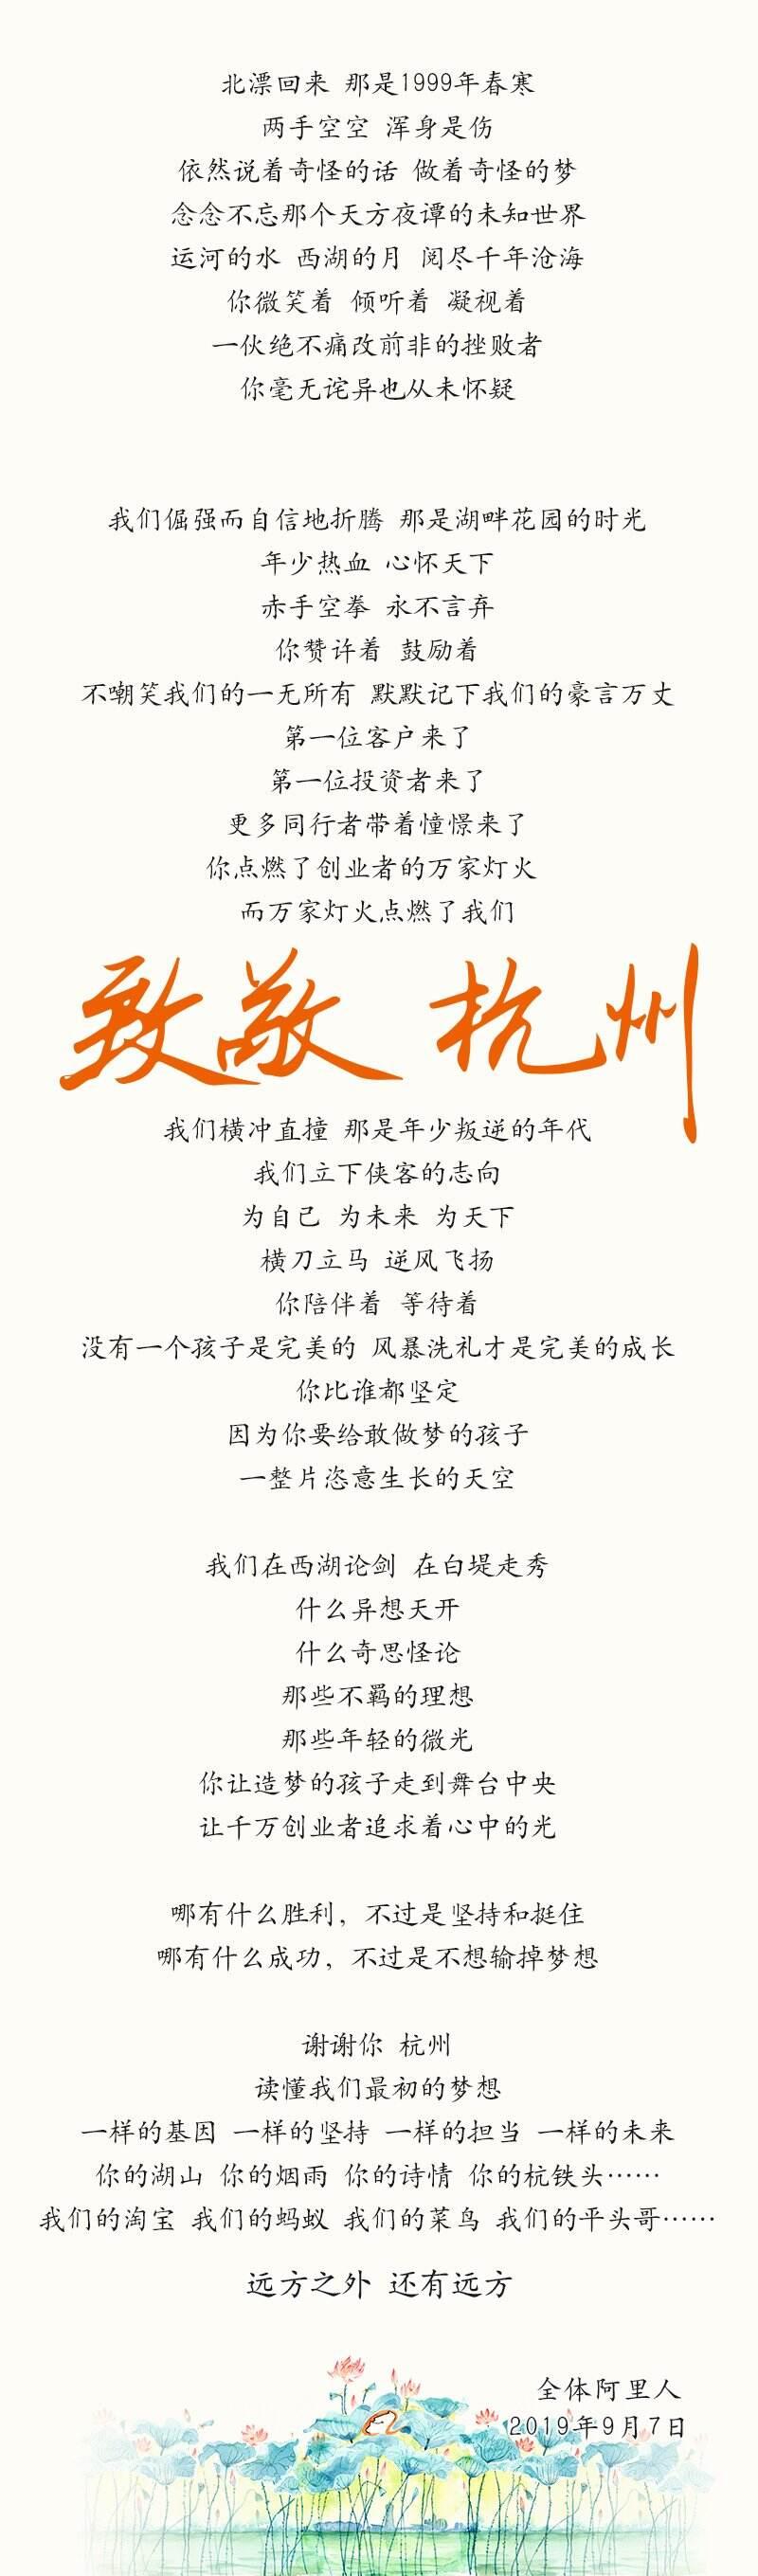 阿里巴巴20周年致敬家乡:谢谢你,杭州